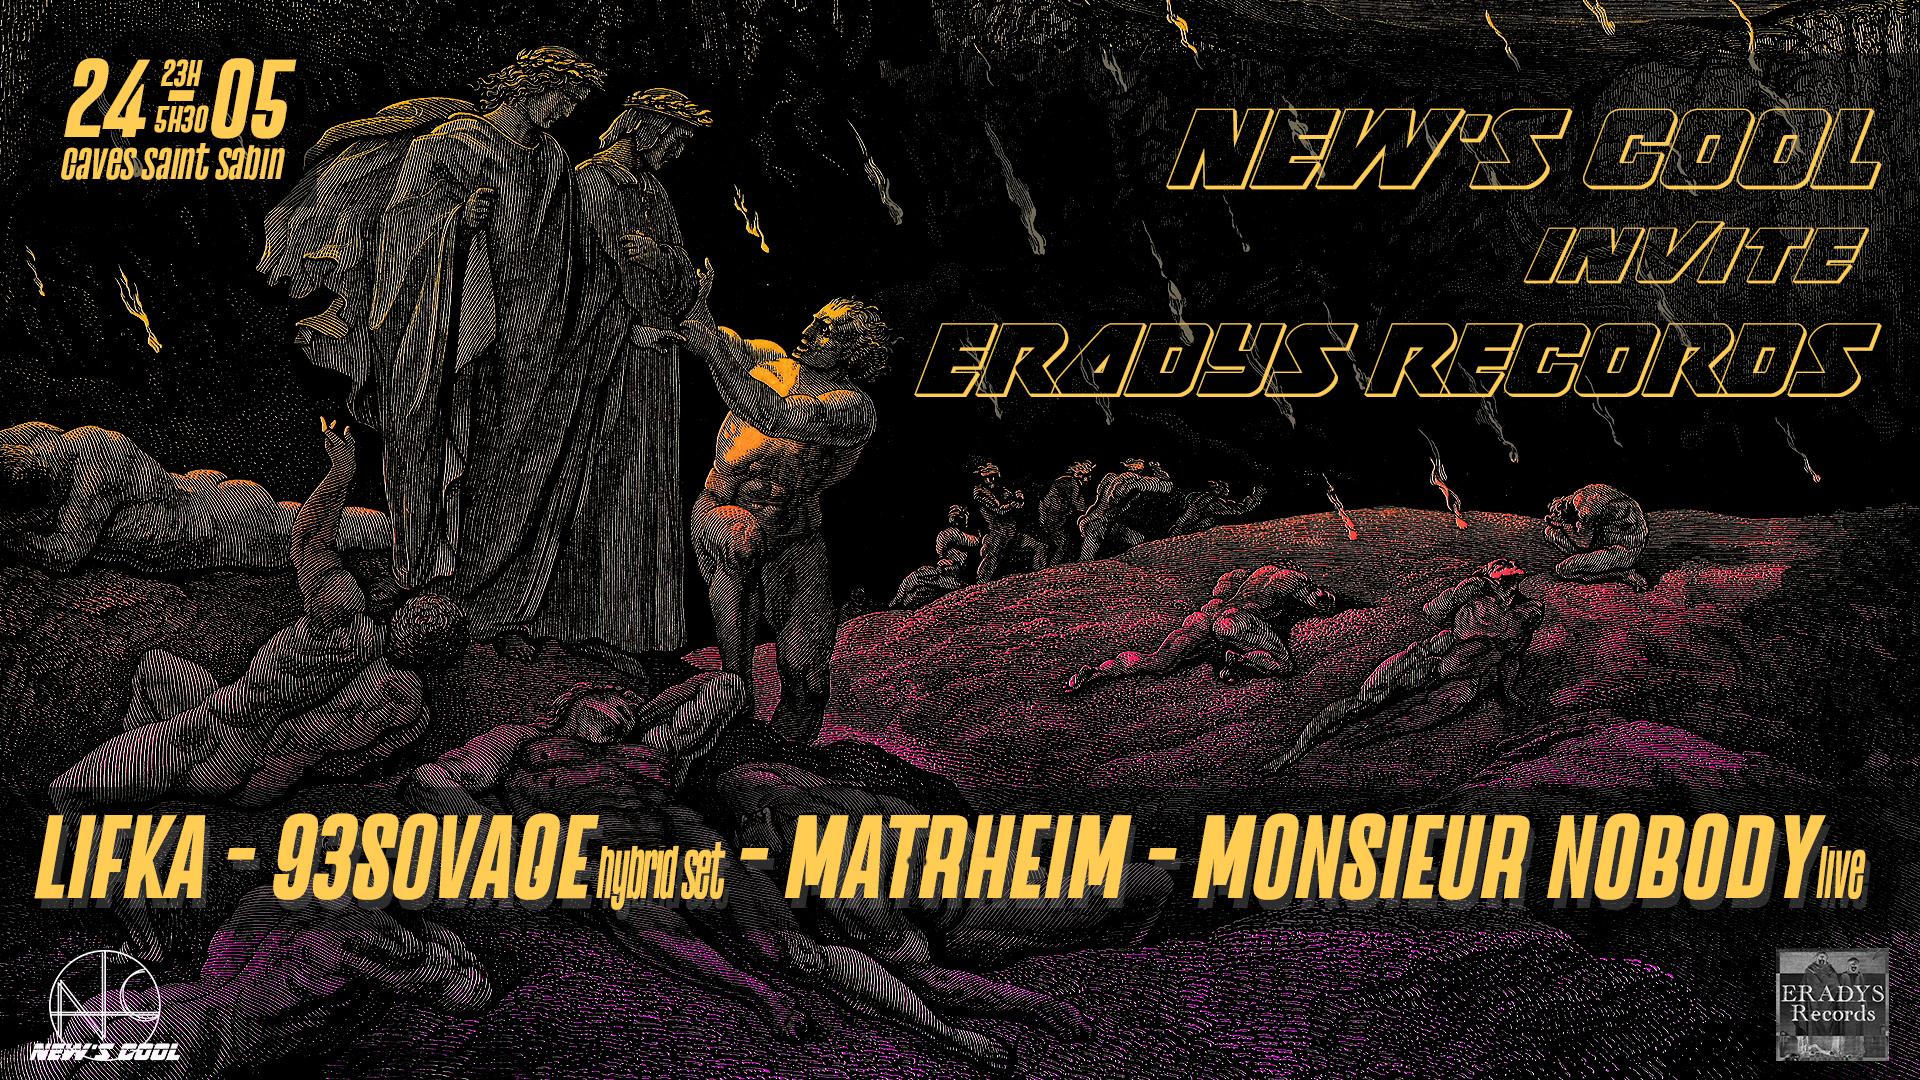 New's Cool invite Eradys Records